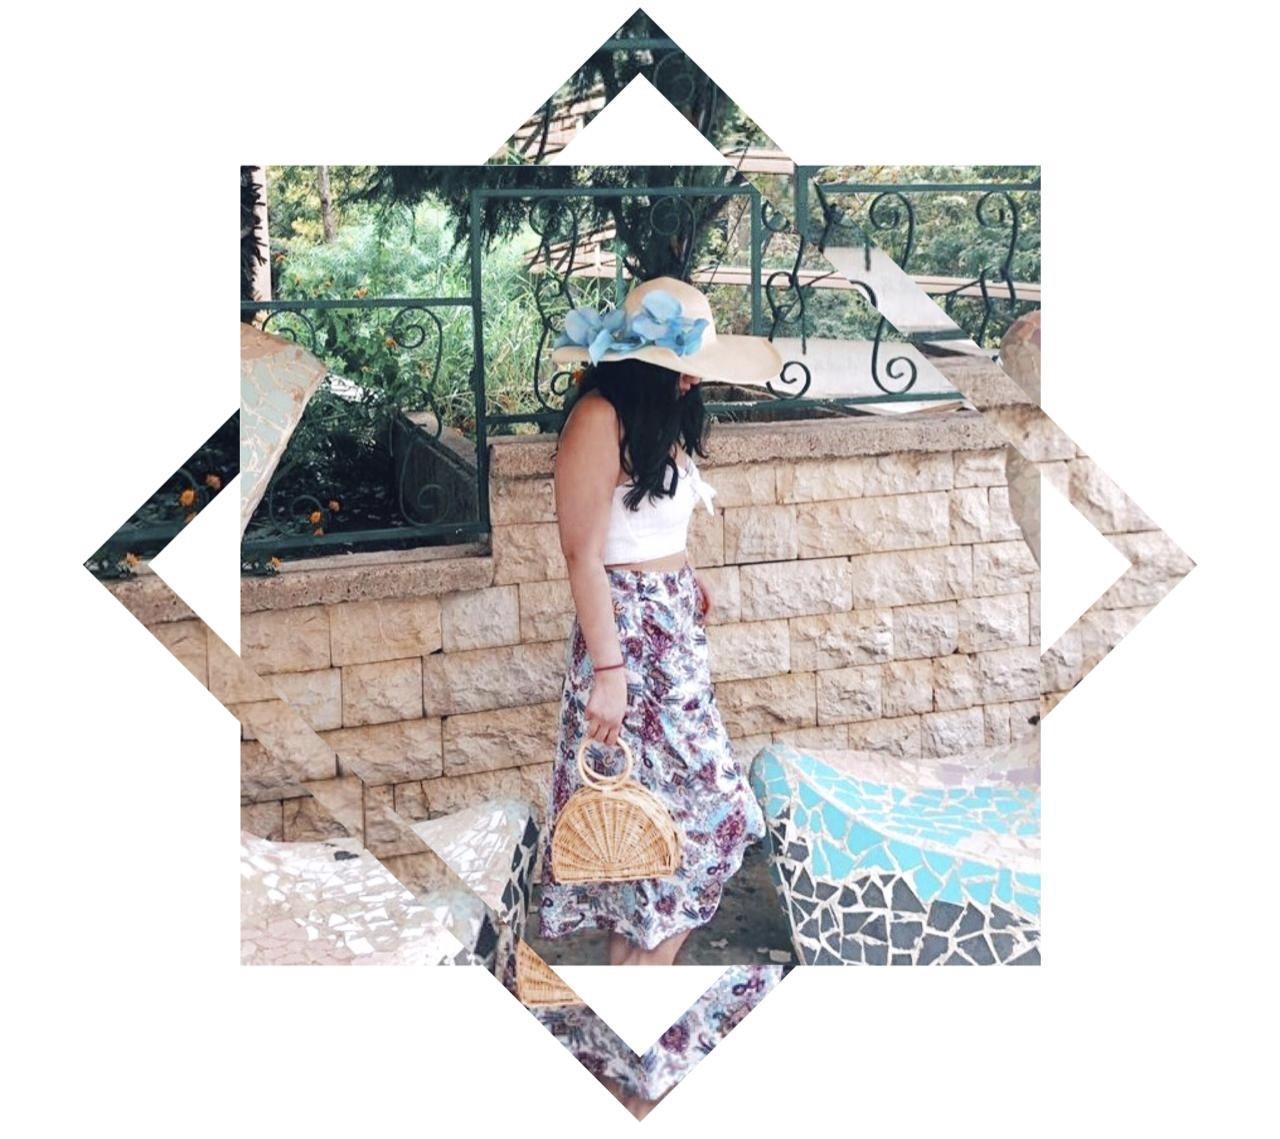 صورة جيب بتصميم مصرى فى لبنان